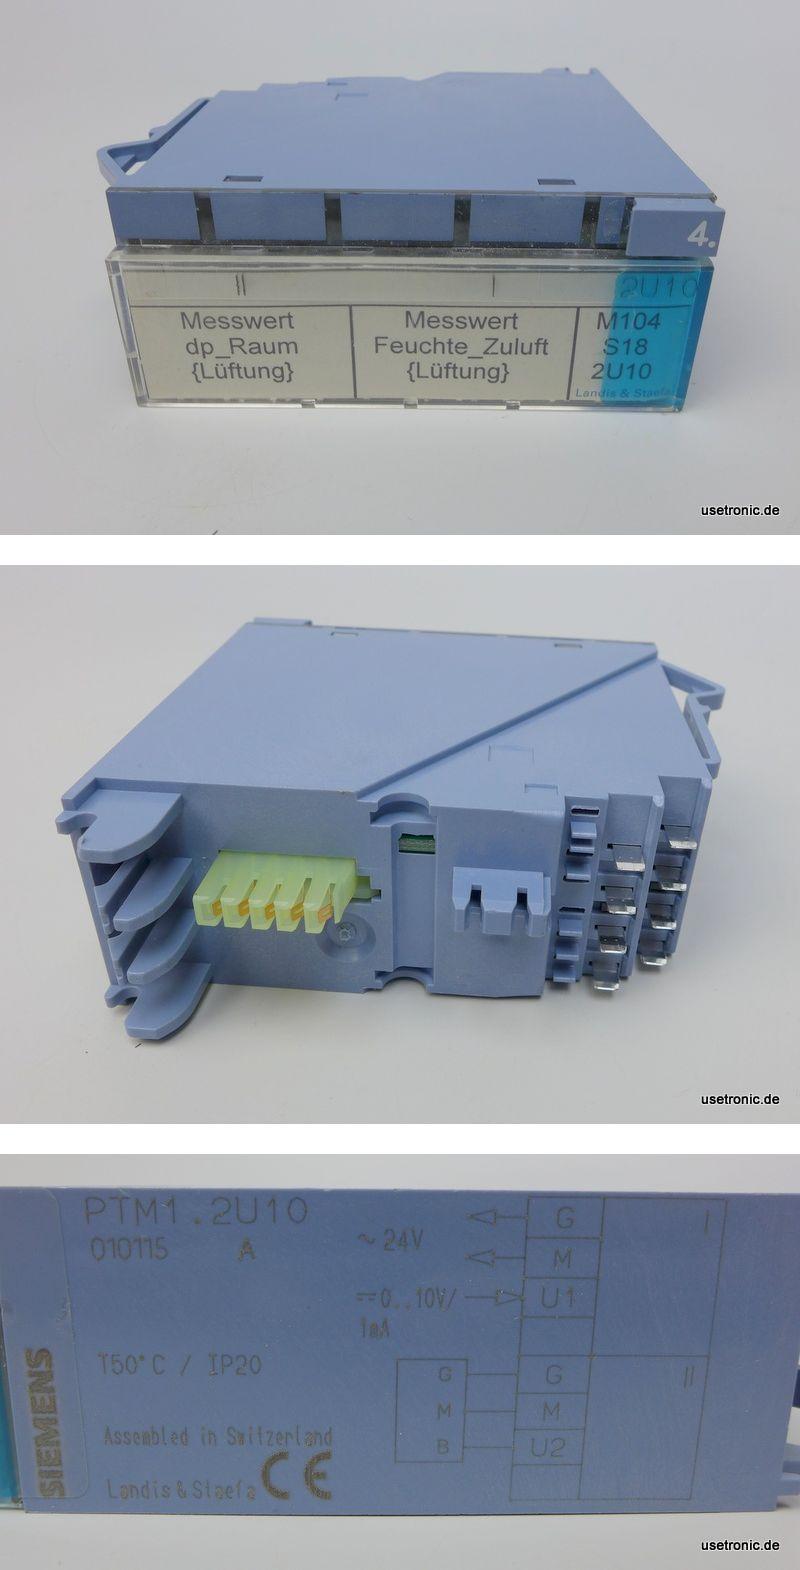 Siemens Landis Staefa Messwert  PTM1.2U10